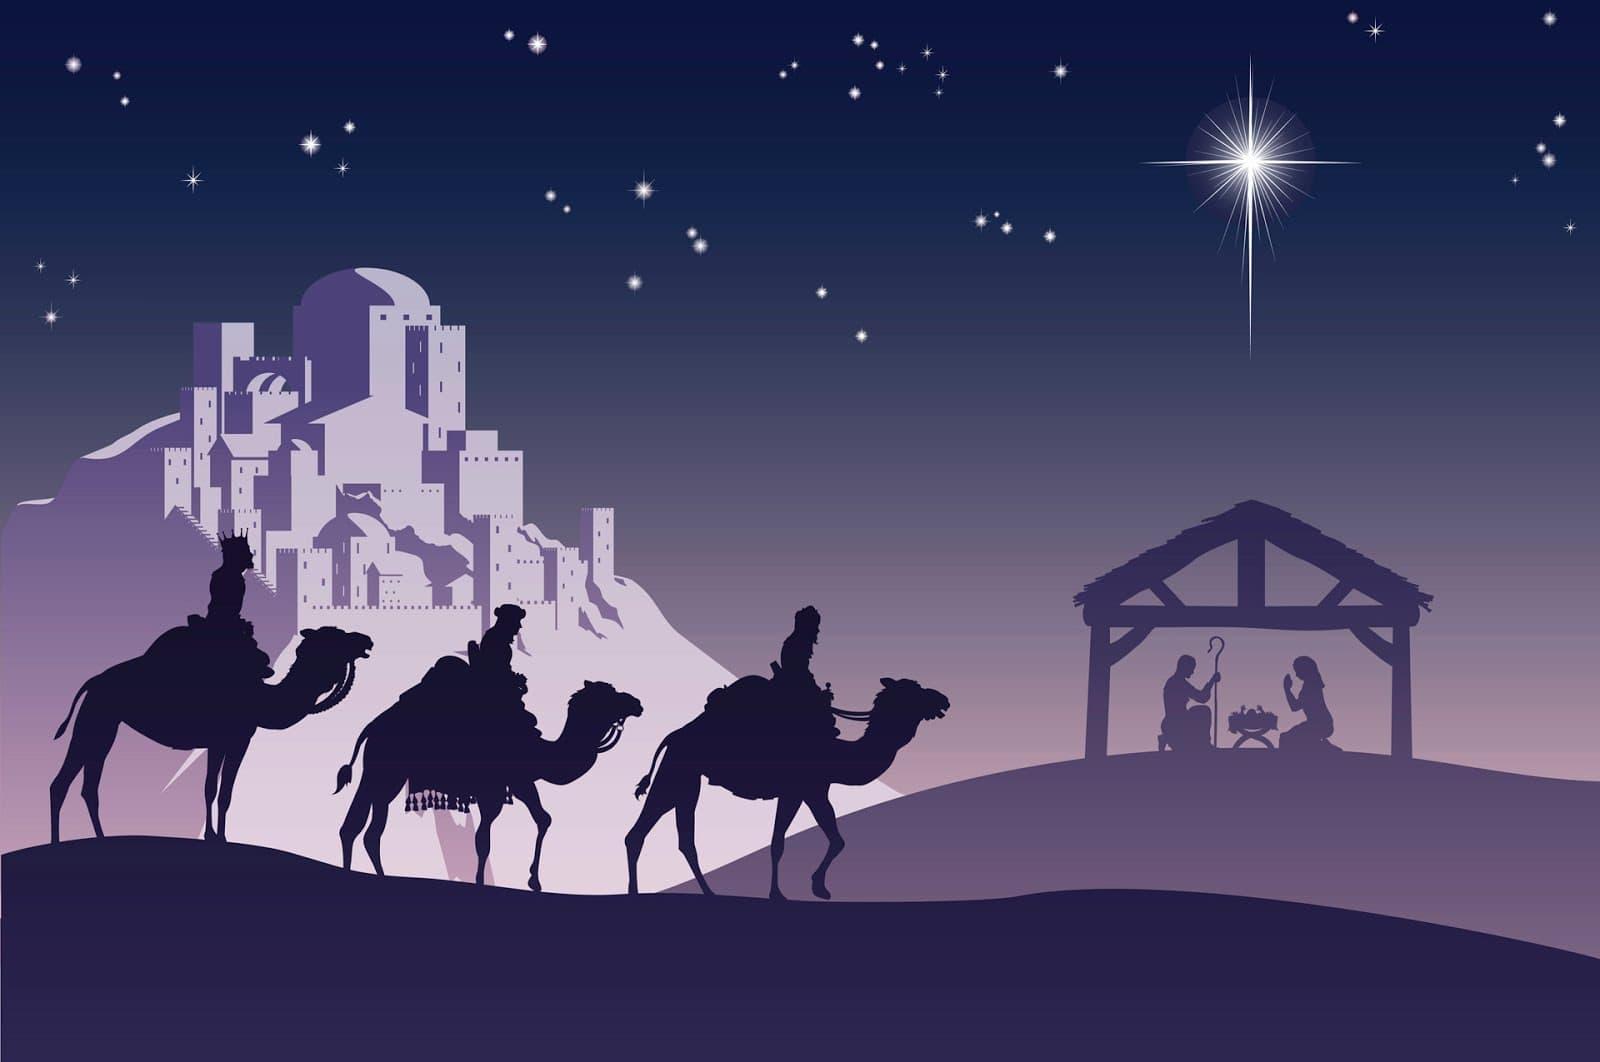 Historia y simbología de los Reyes Magos